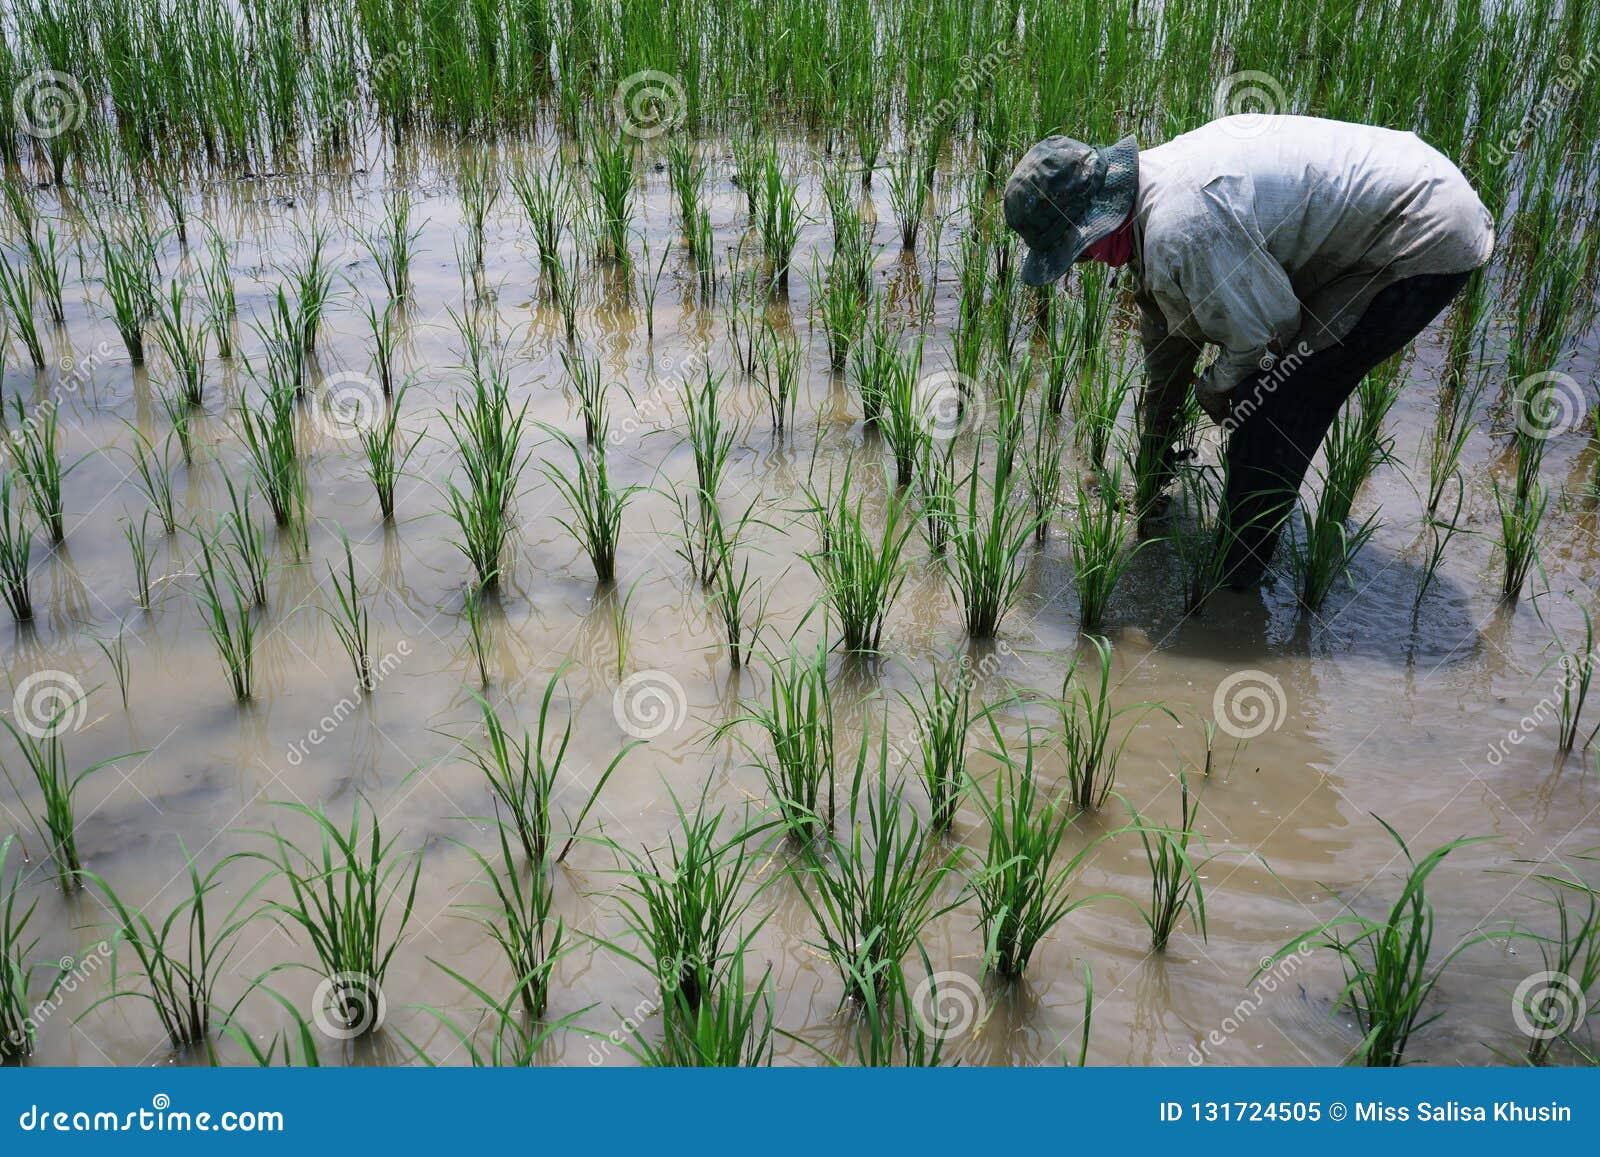 Фермер засаживает поля риса